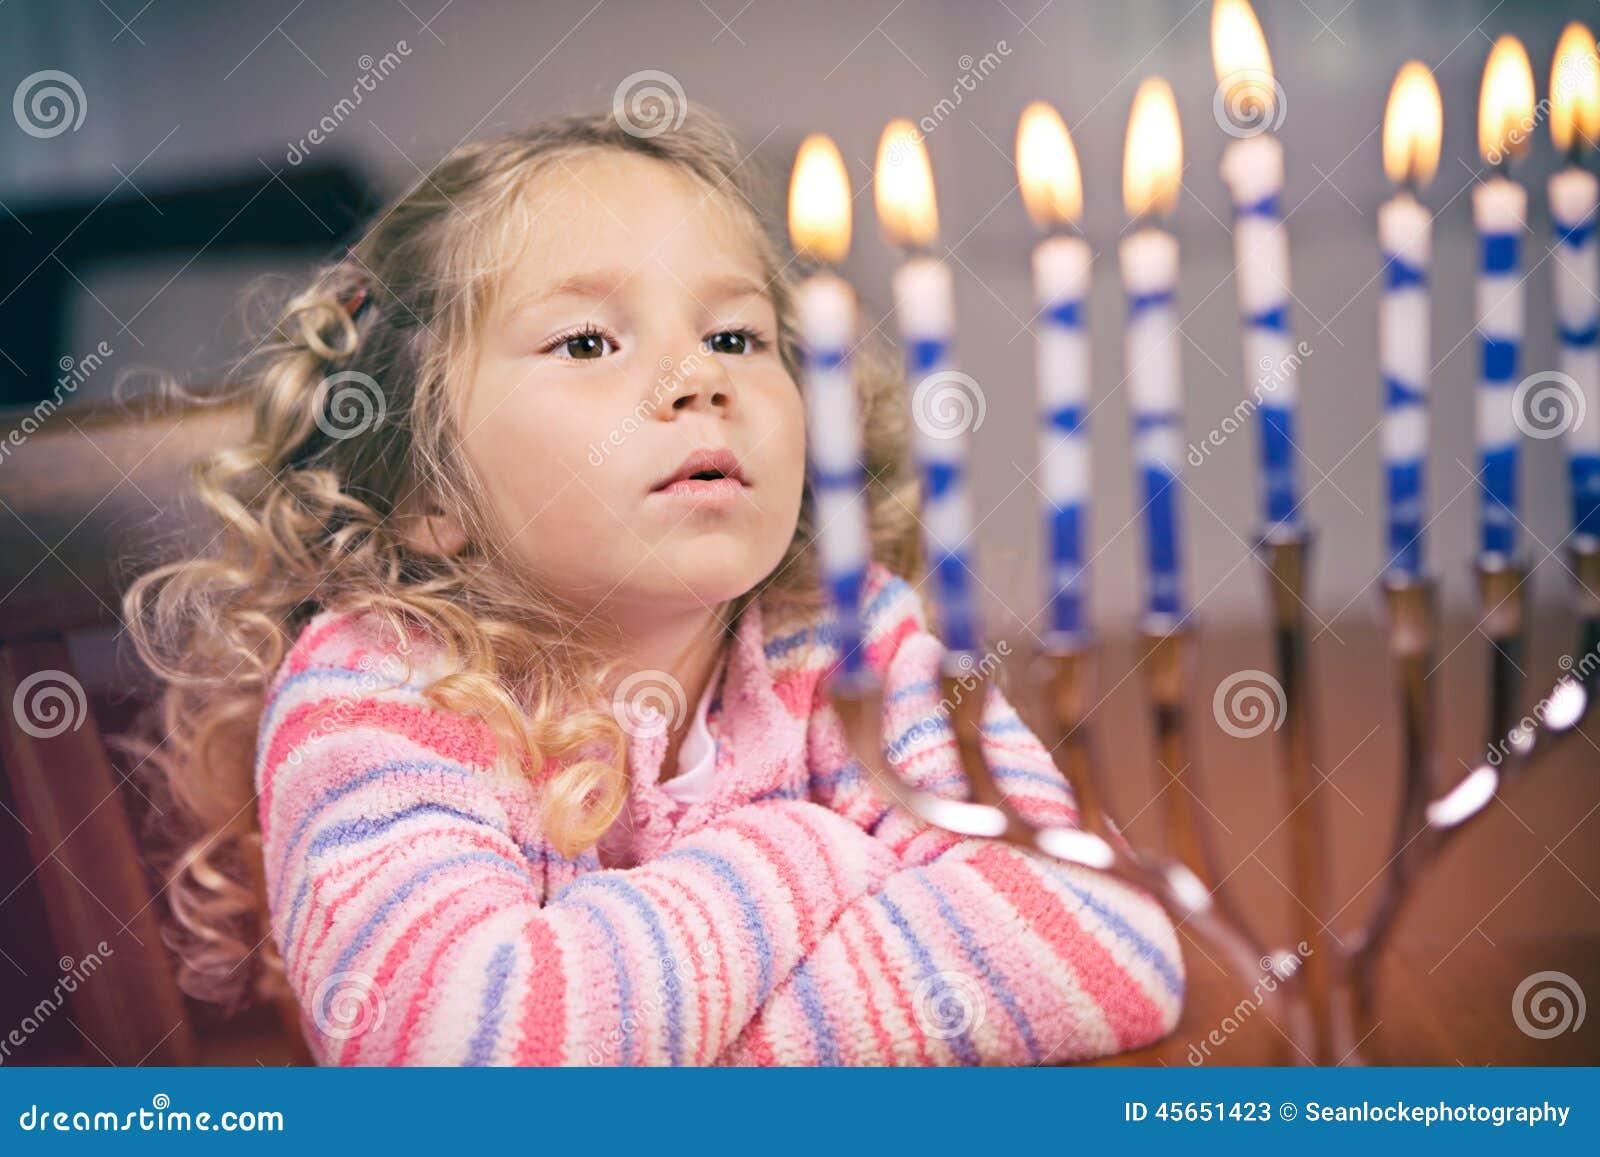 光明节:小女孩看升光明节蜡烛